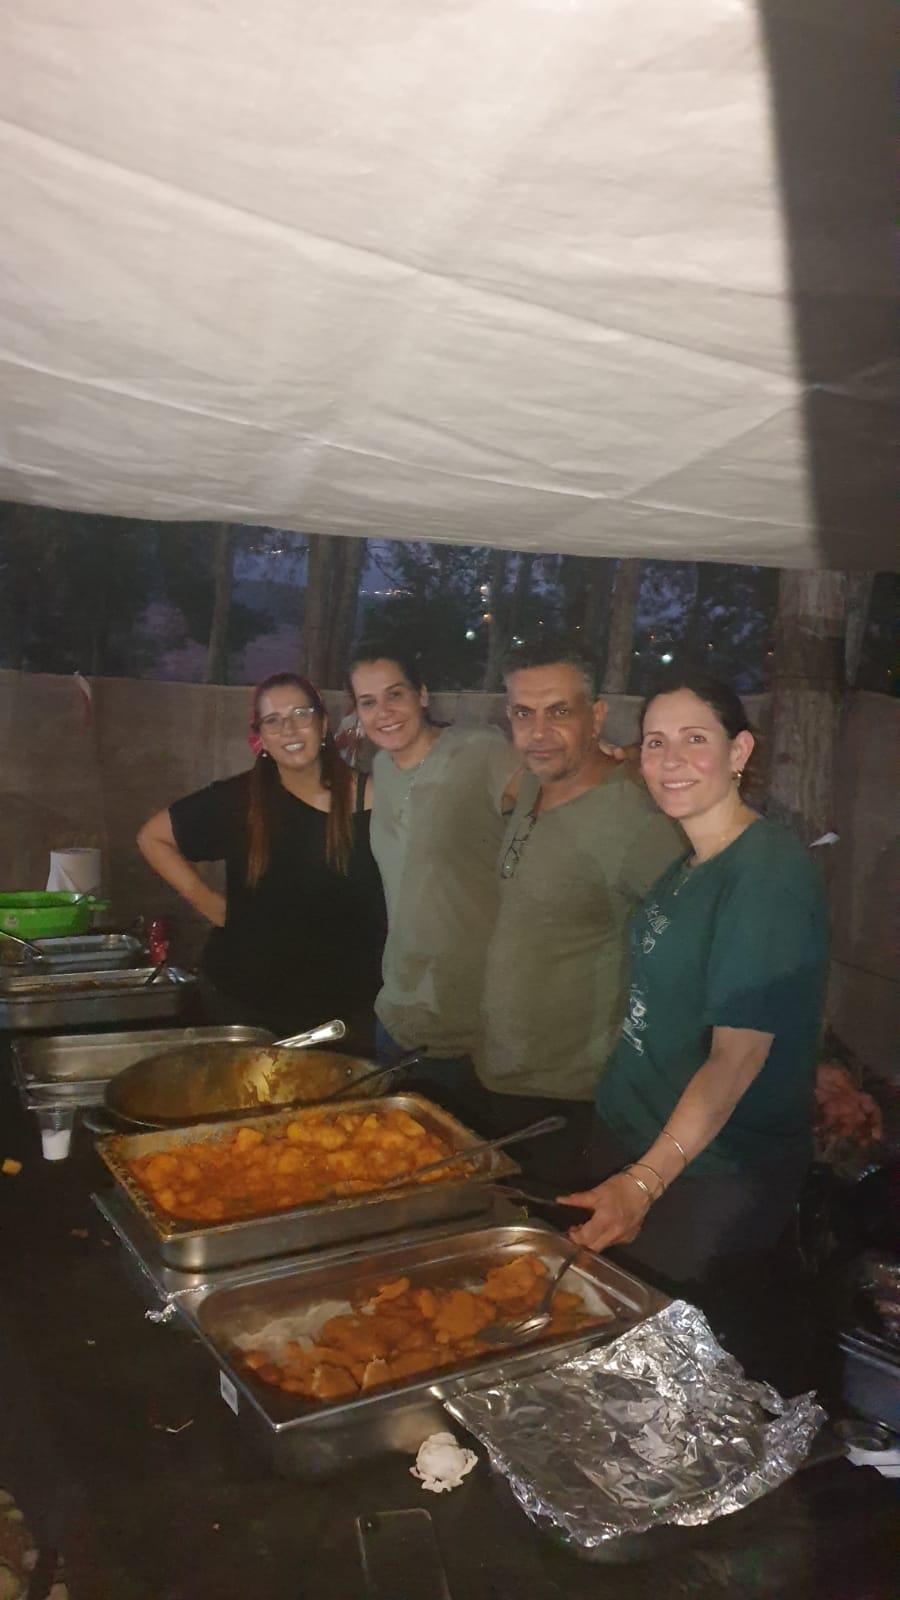 הוריםם מבשלים במחנק צופים